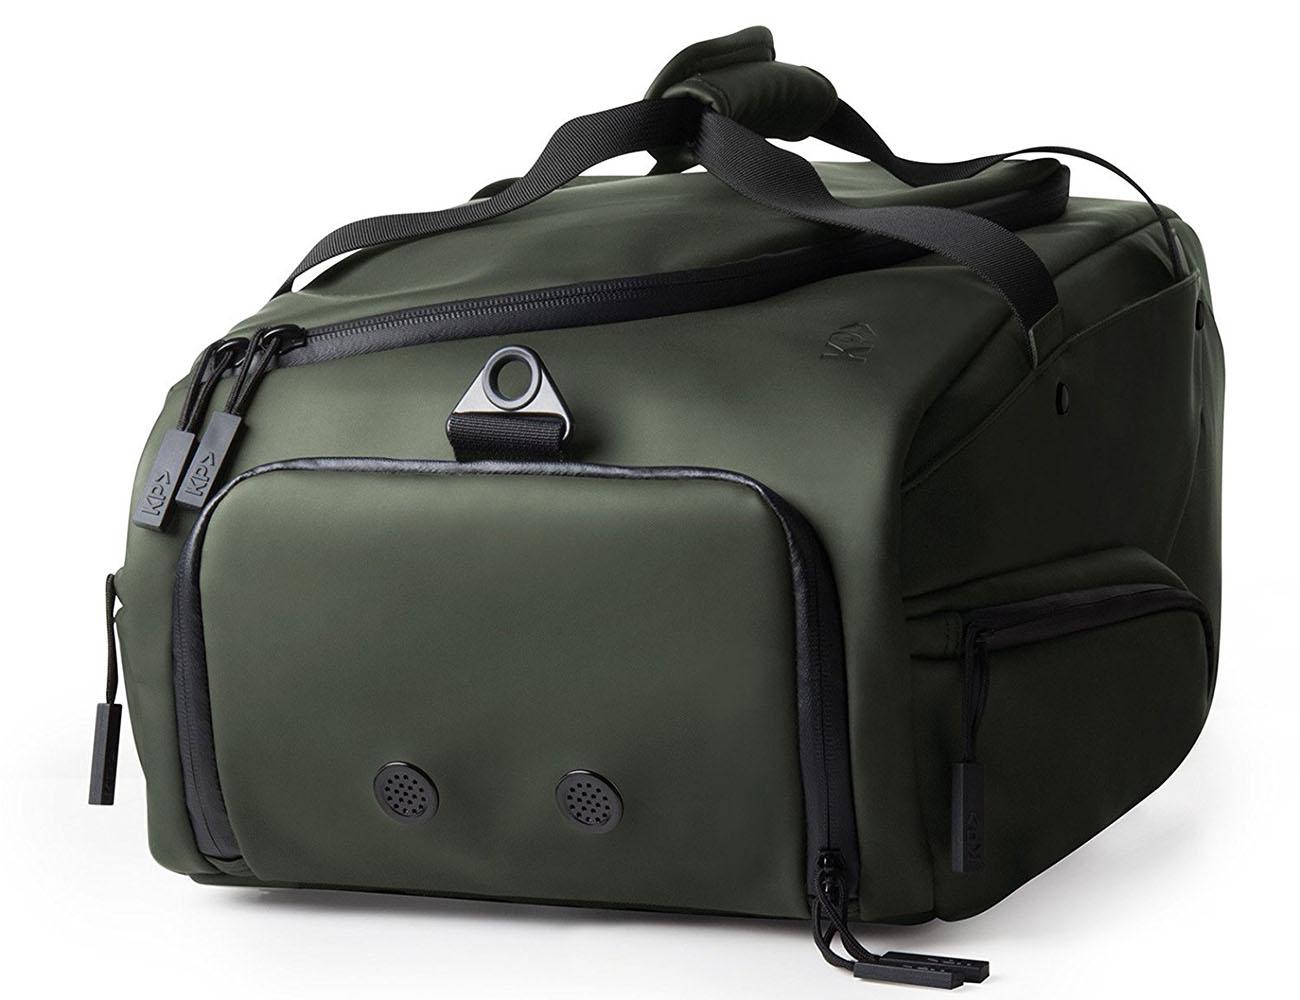 KP Duffle – The Ultimate Travel Bag